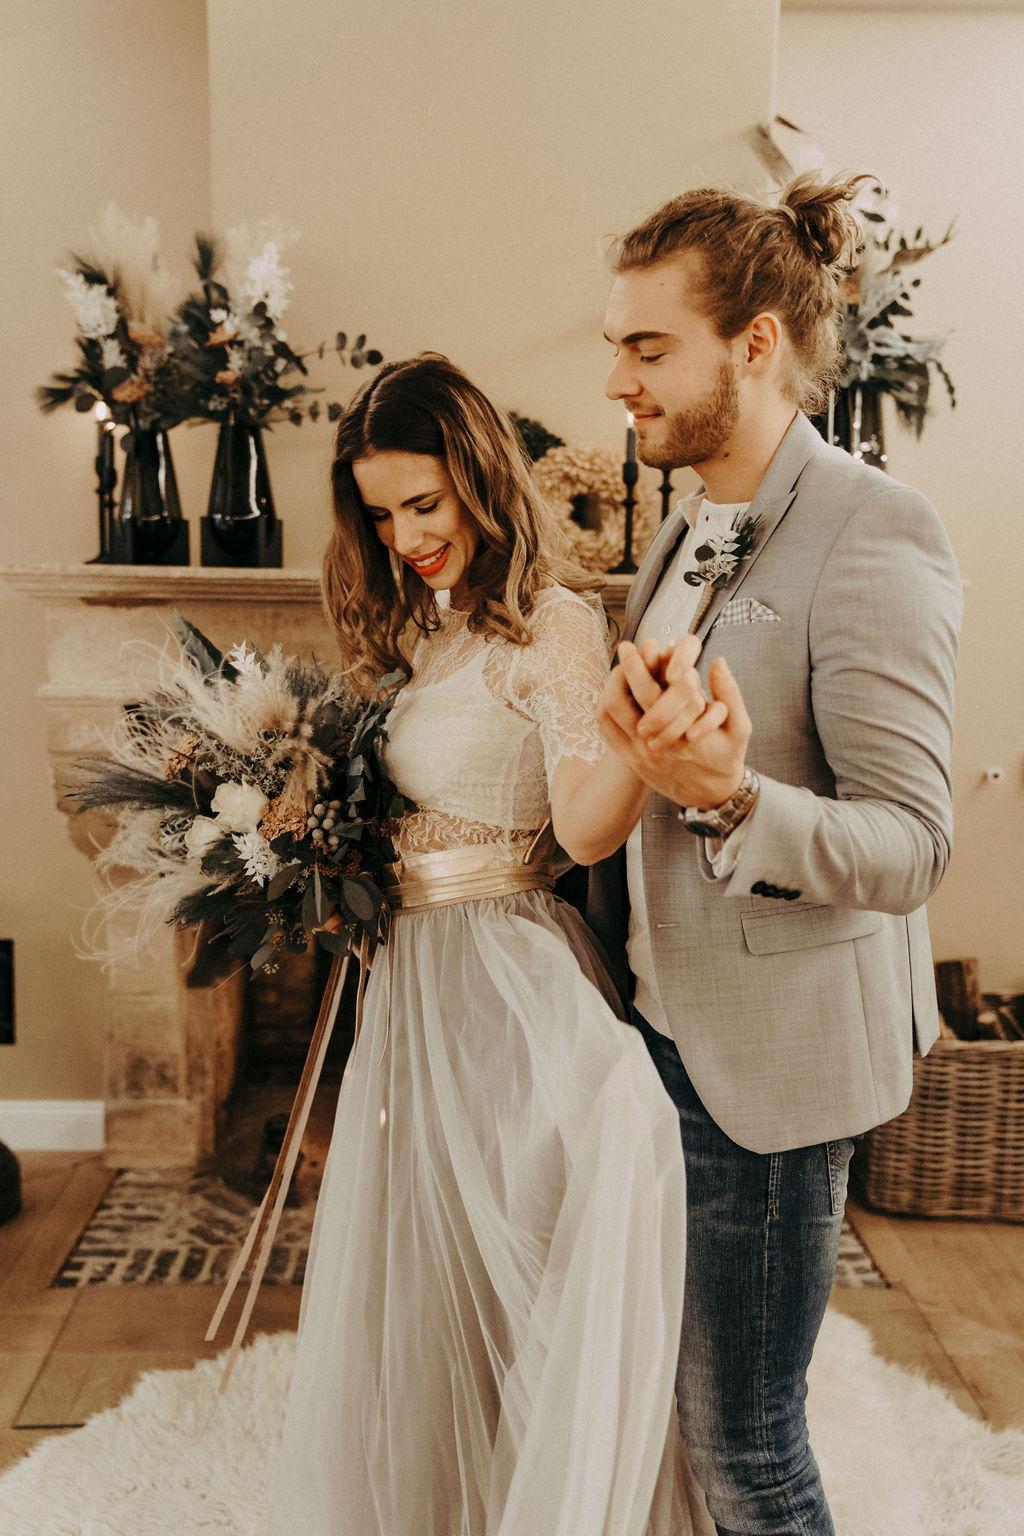 noni Brautmode, Styled Shoot. Model mit brünetten offenen, halb-langen Haaren, Blumenstrauss und zweiteiligem Brautkleid im Boho Stil, Bräutigam mit grauem Sakko